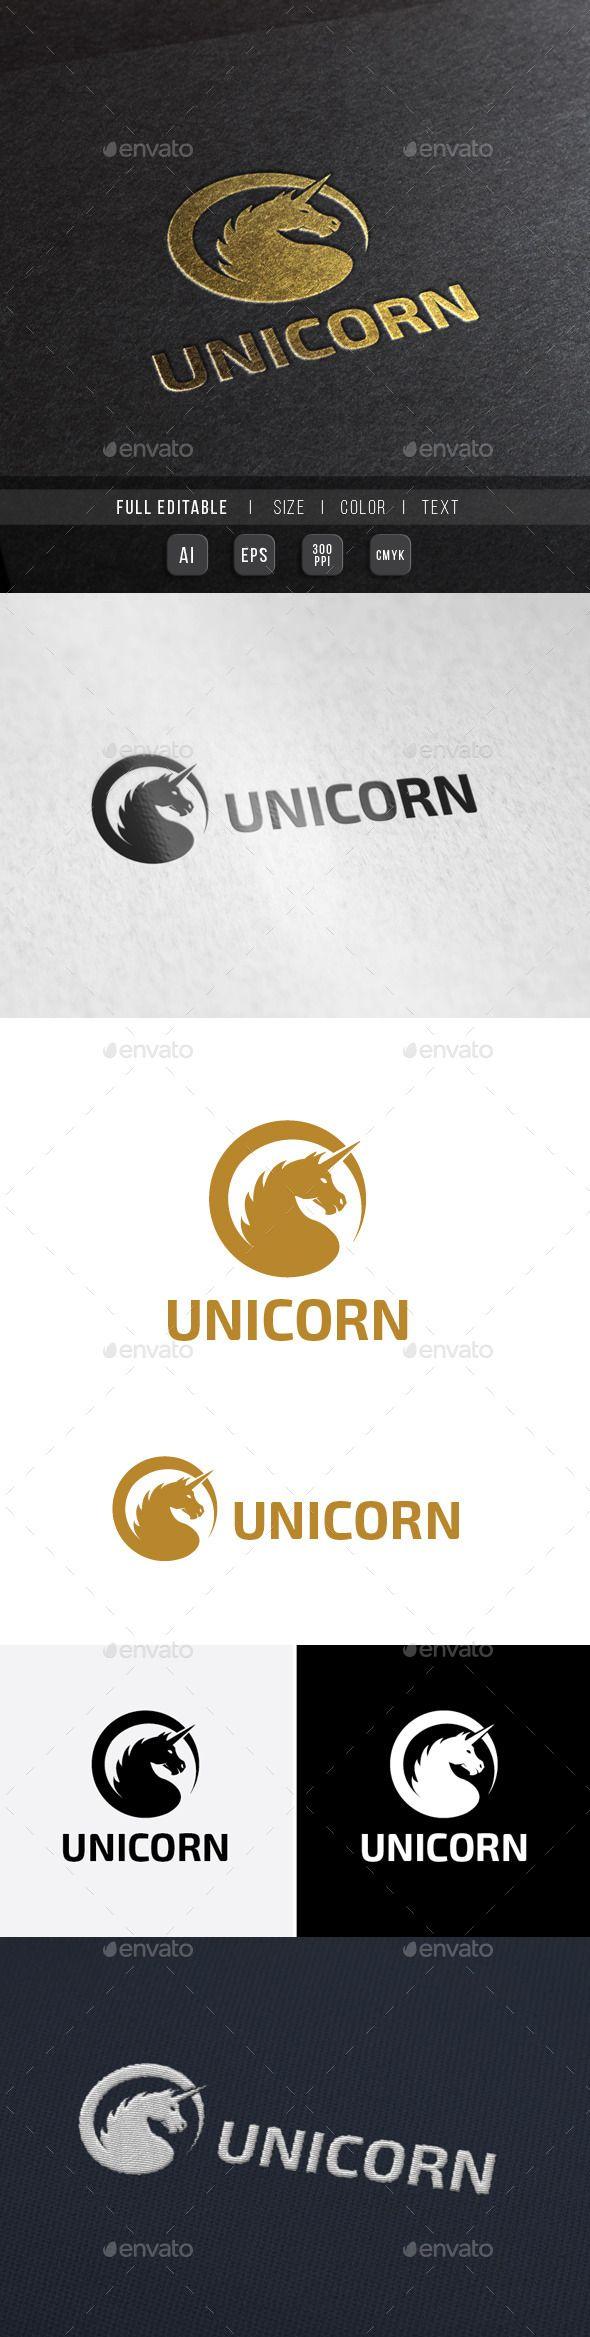 Mejores 50 imágenes de logo en Pinterest   Diseño de logotipo ...